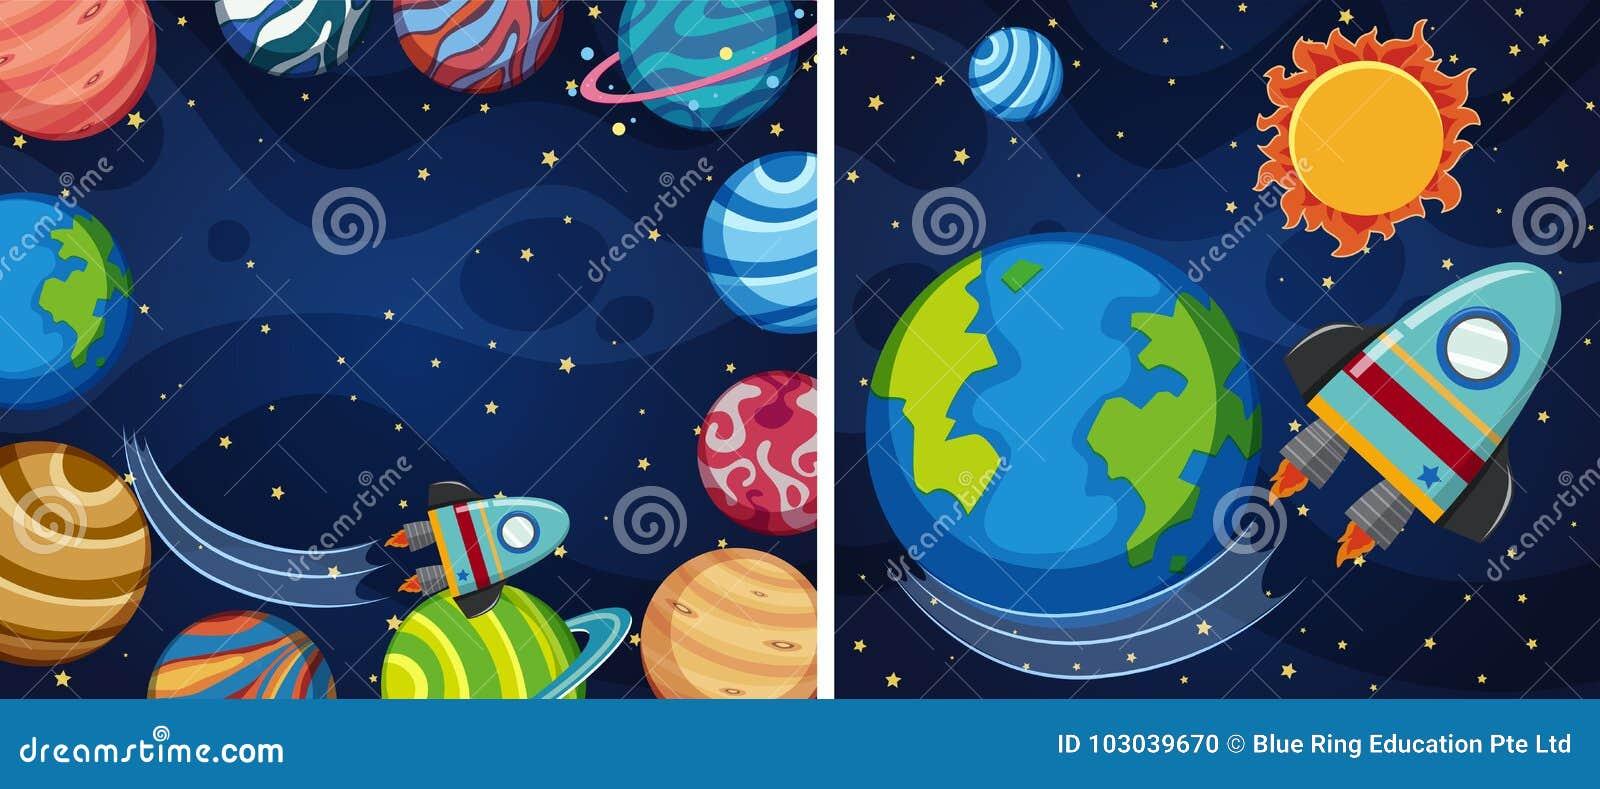 Fundo de dois espaços com planetas e foguete